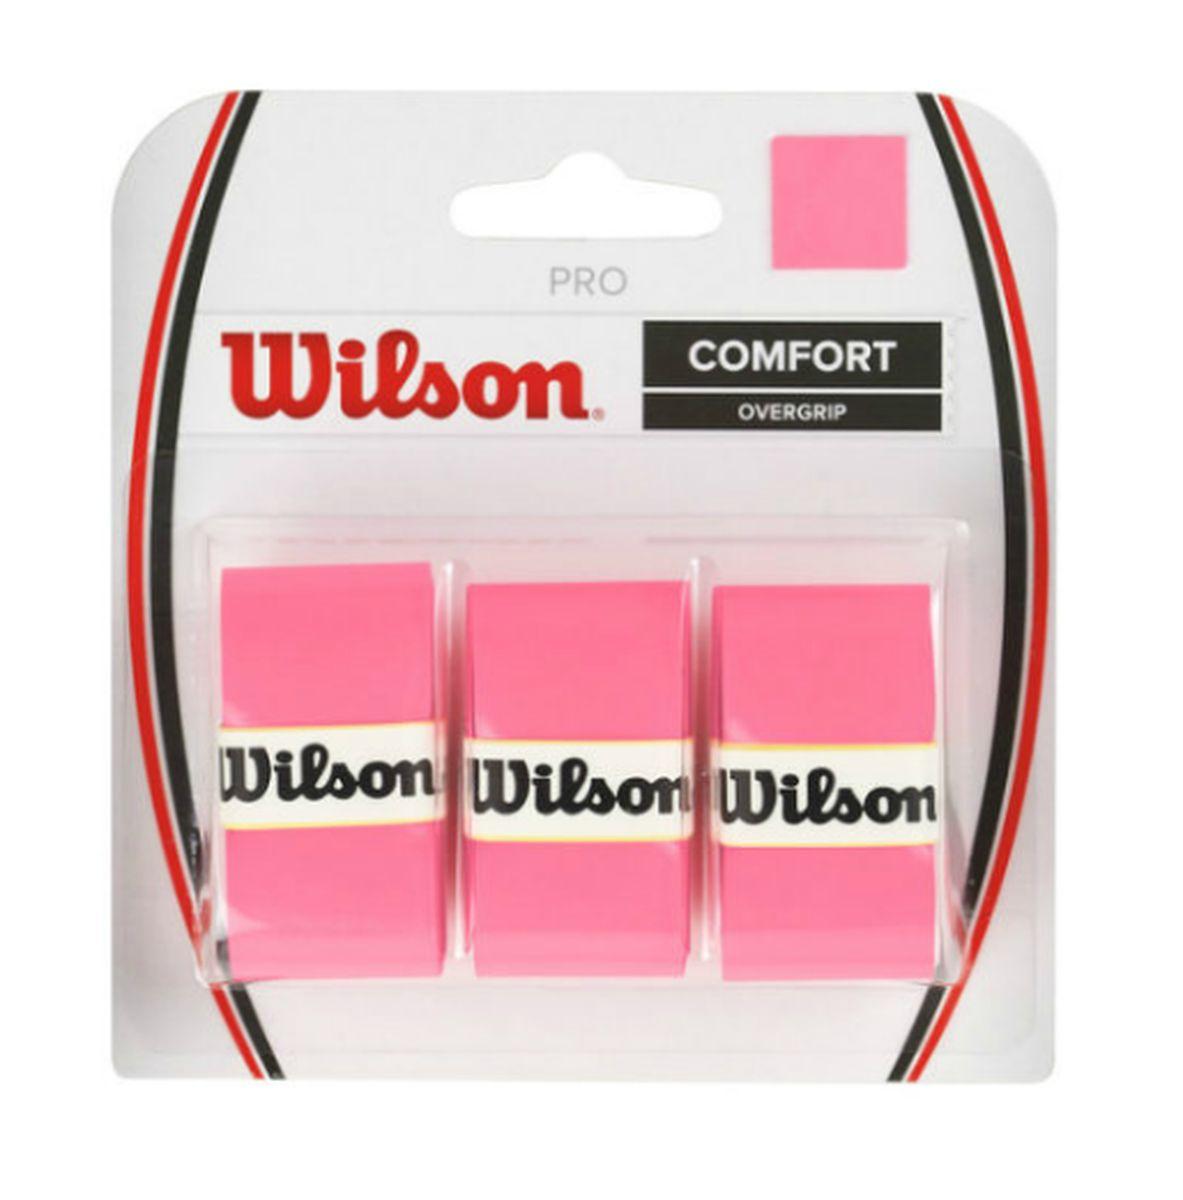 Обмотка Wilson Pro Overgrip, цвет: розовыйWRZ4014PKСамый популярный овергрипп в мире. Выбор Лидеров мирового Тенниса Серены и Роджера